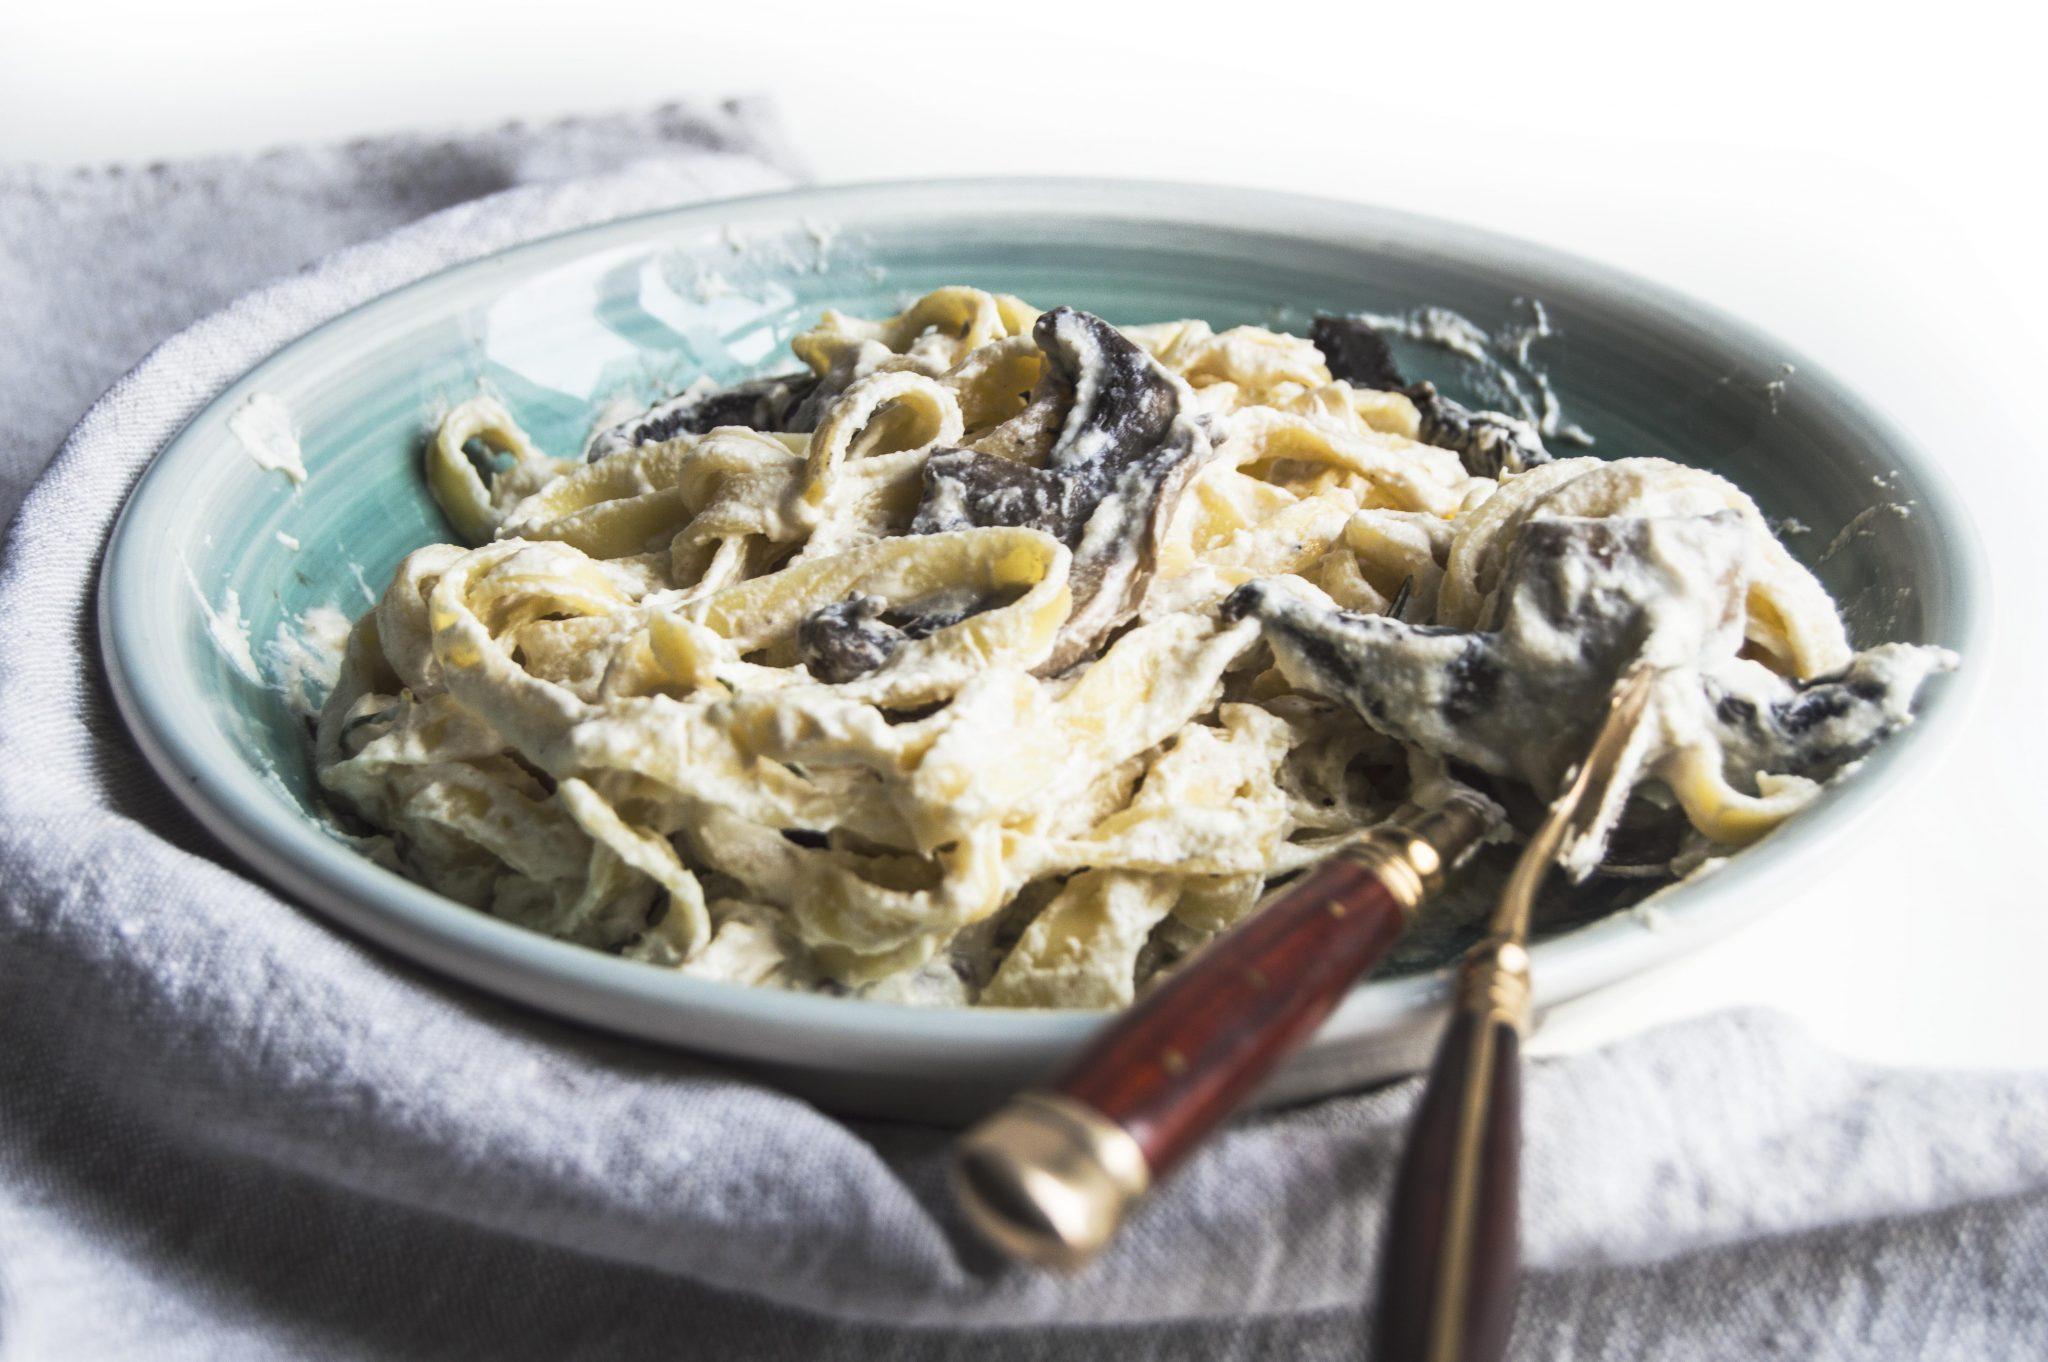 Vegan Rosmary Mushroom Tagliatelle with Cauliflower Cream